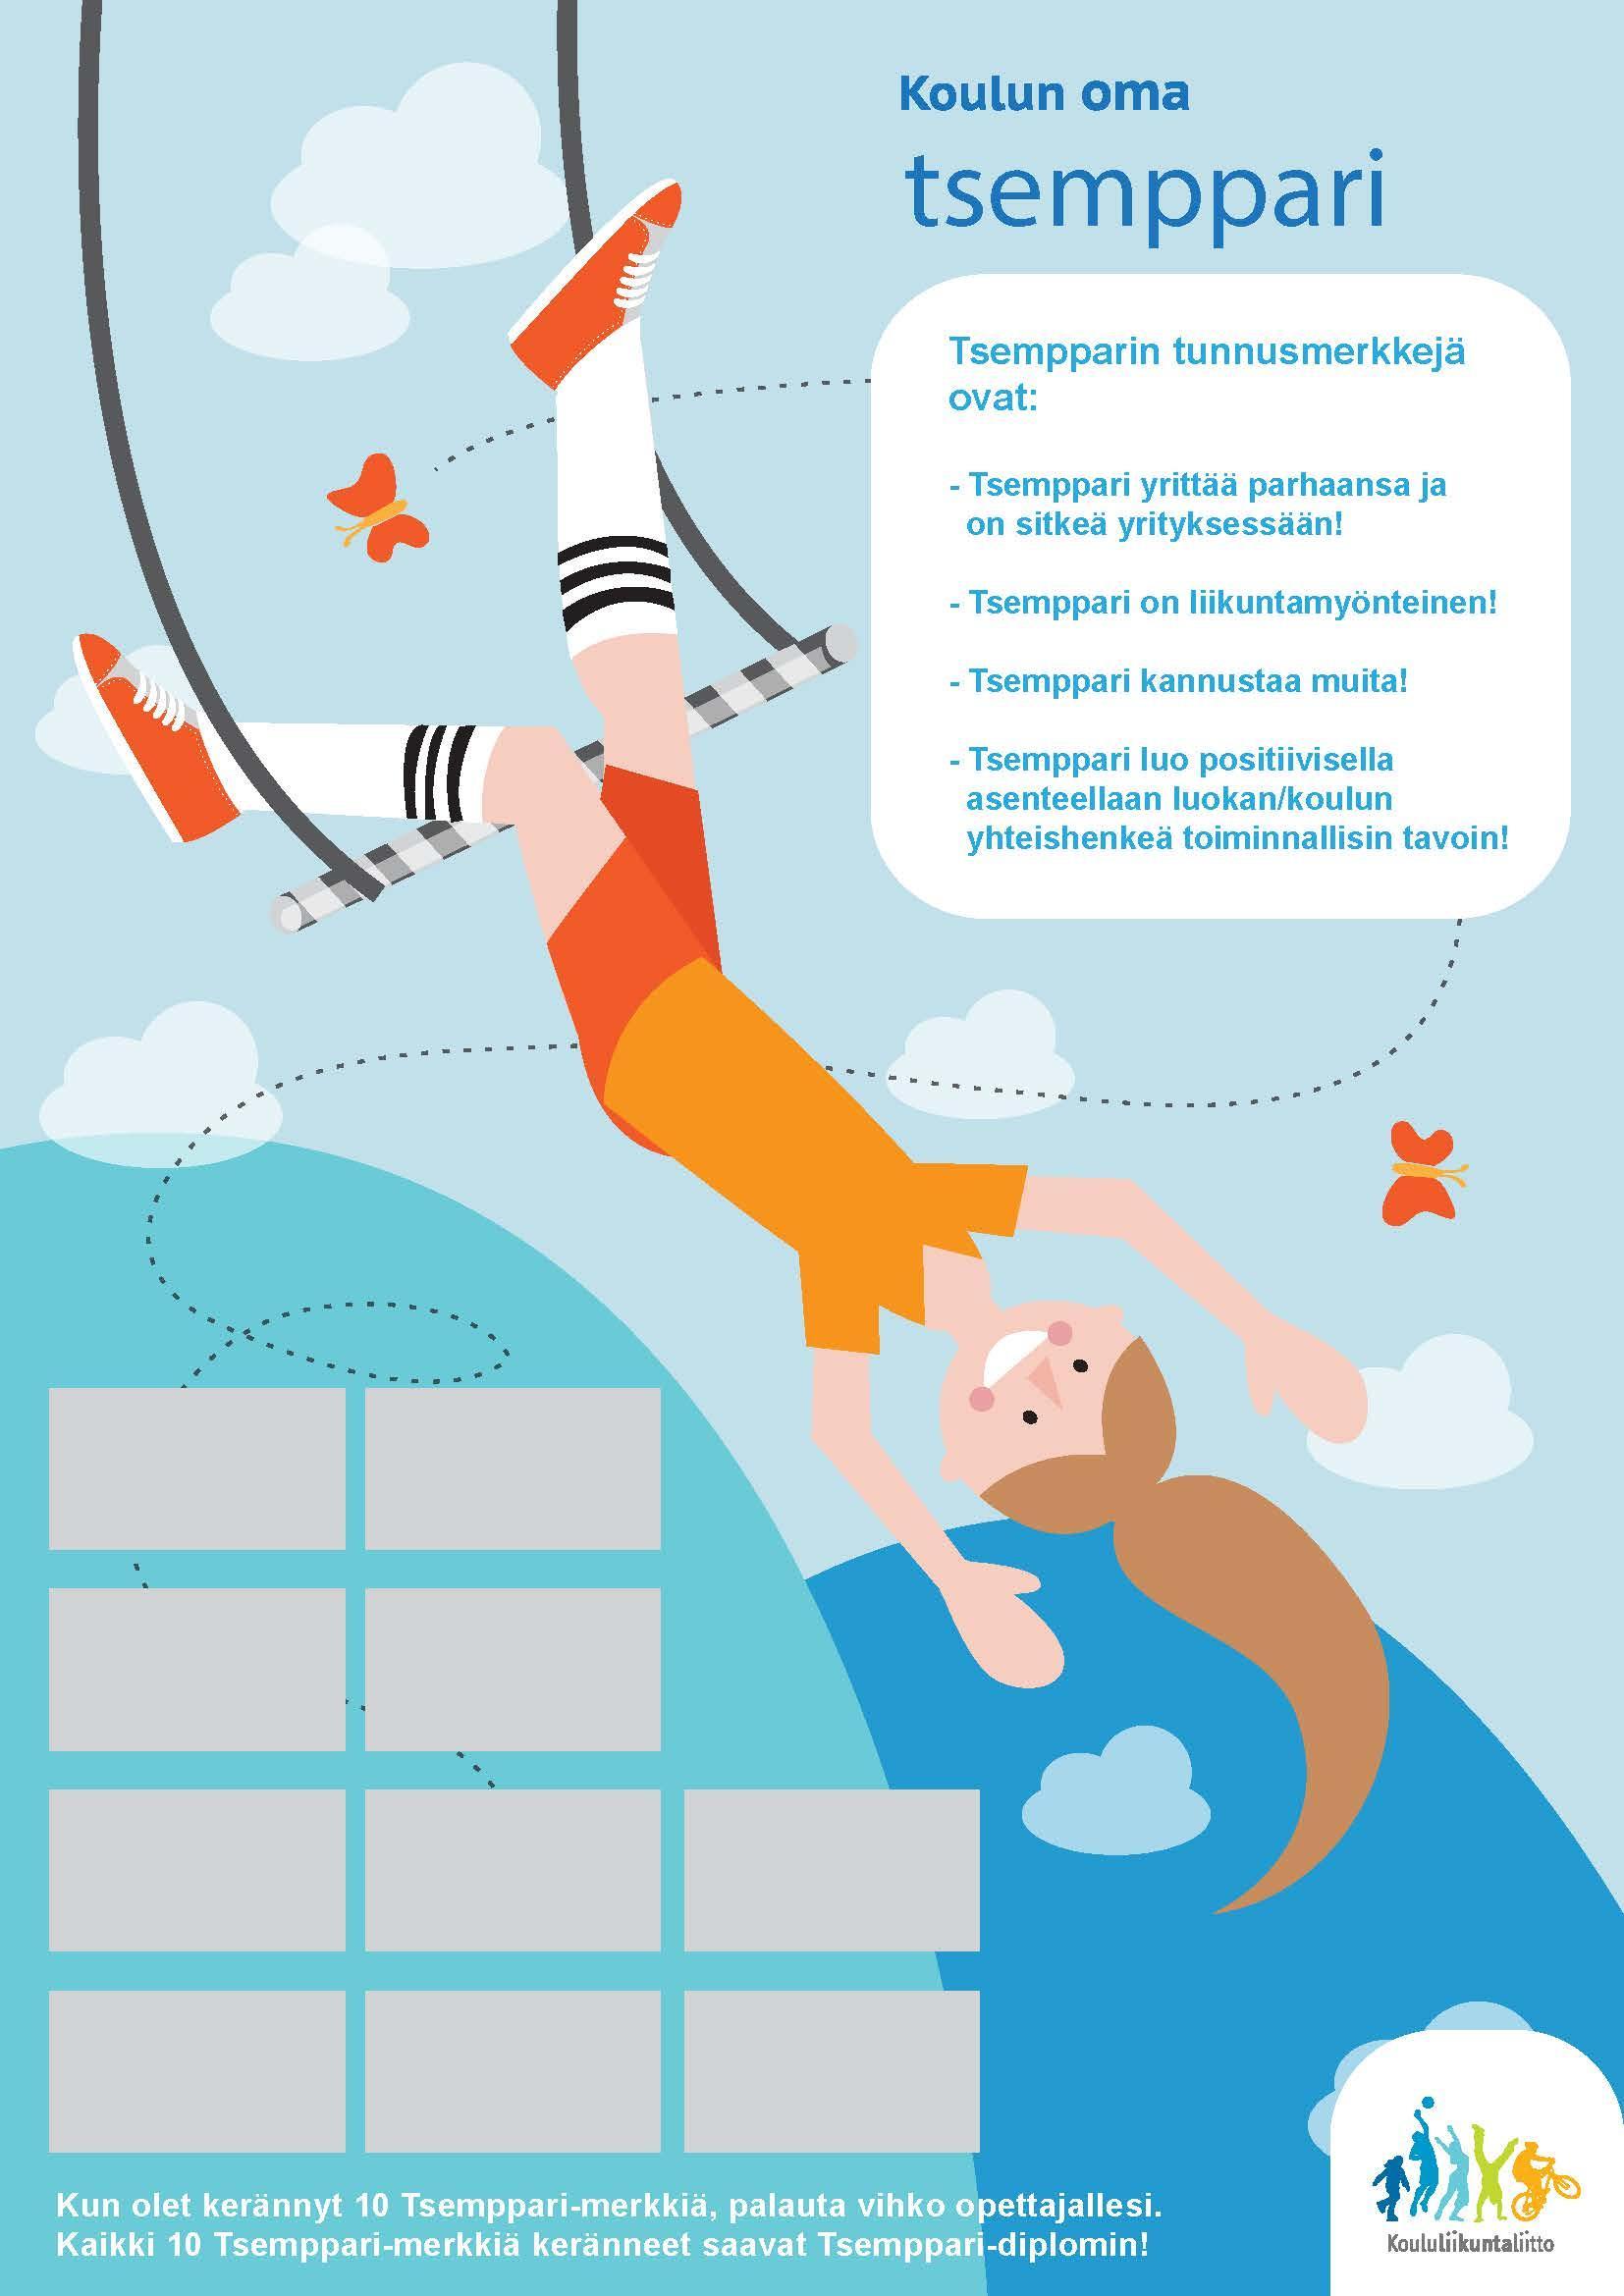 Tsemmpari merkkiarkki, jossa piirretty tyttö roikkuu jaloistaa trapetsikiikussa.